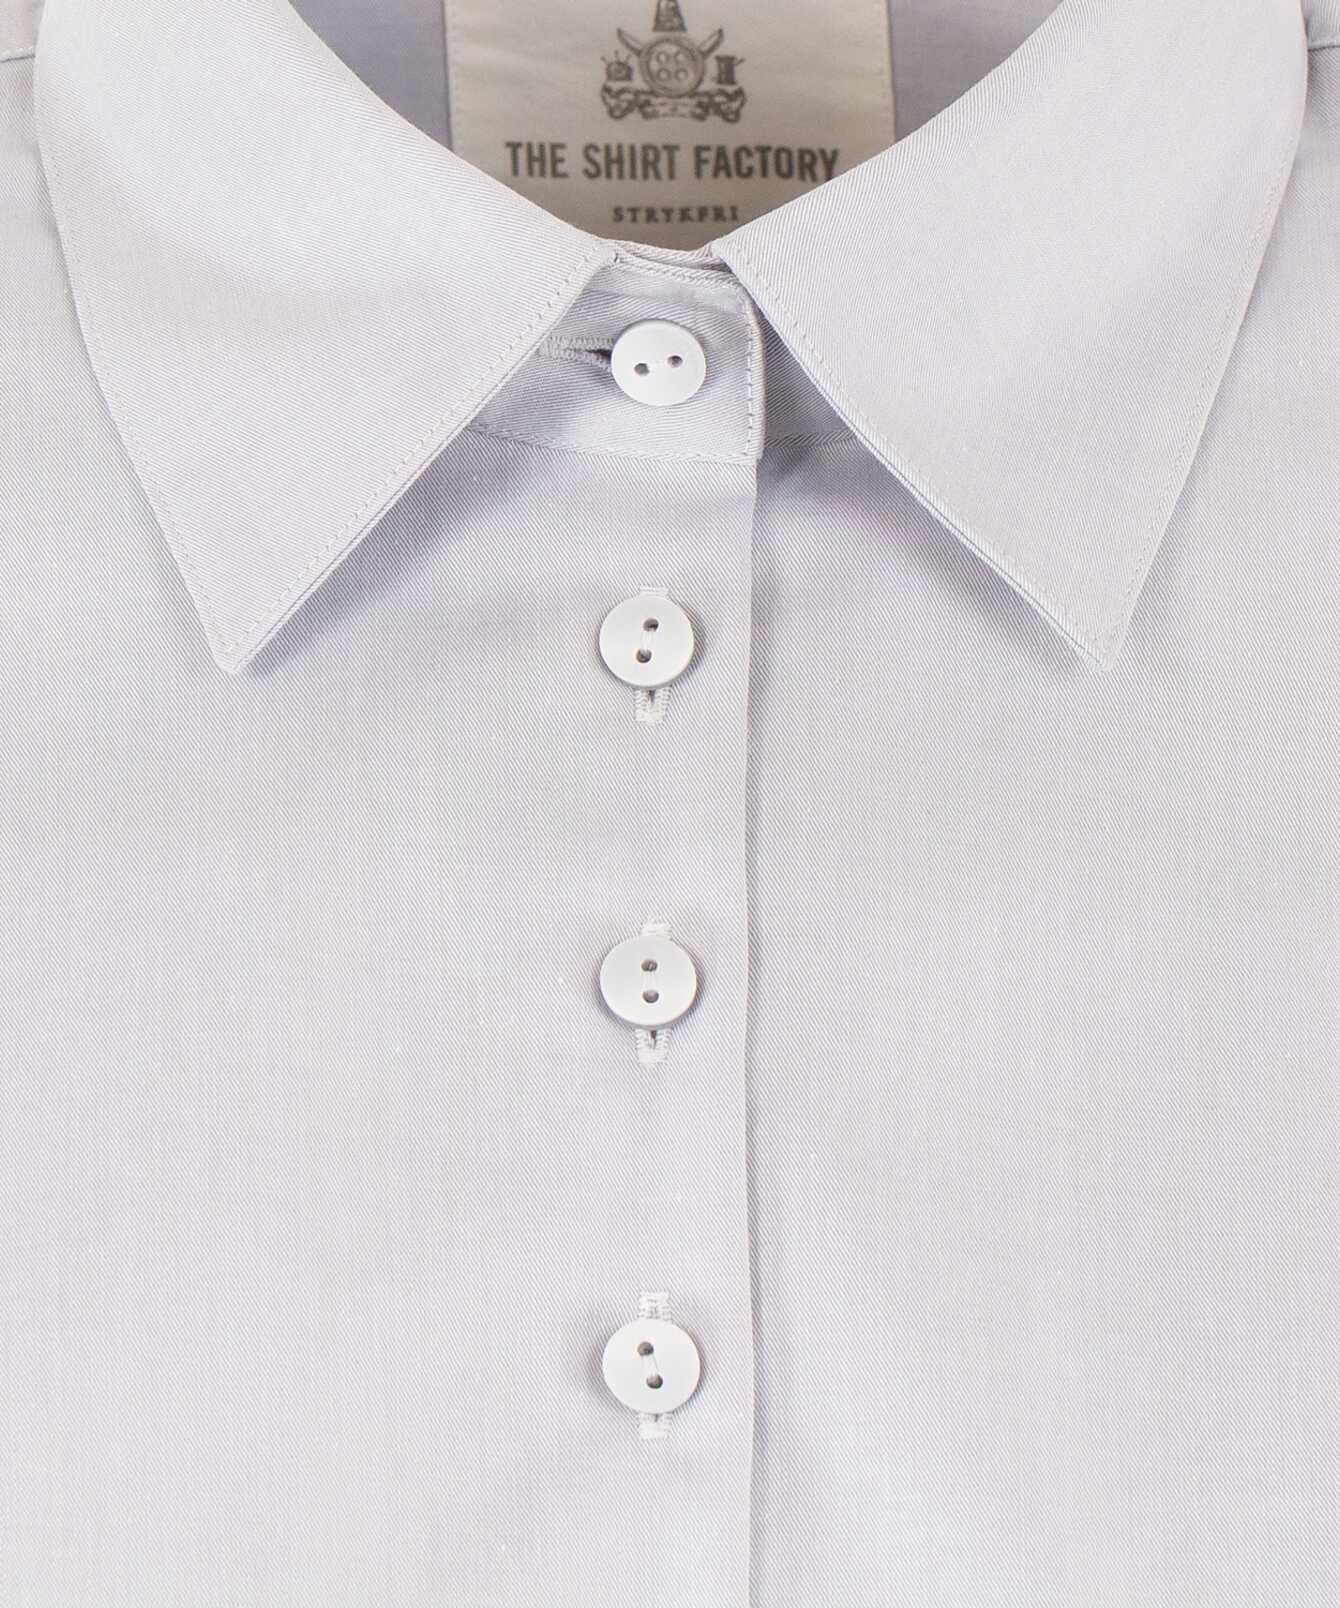 Skjorta Moa Grand Twill Strykfri Ljusgrå The Shirt Factory